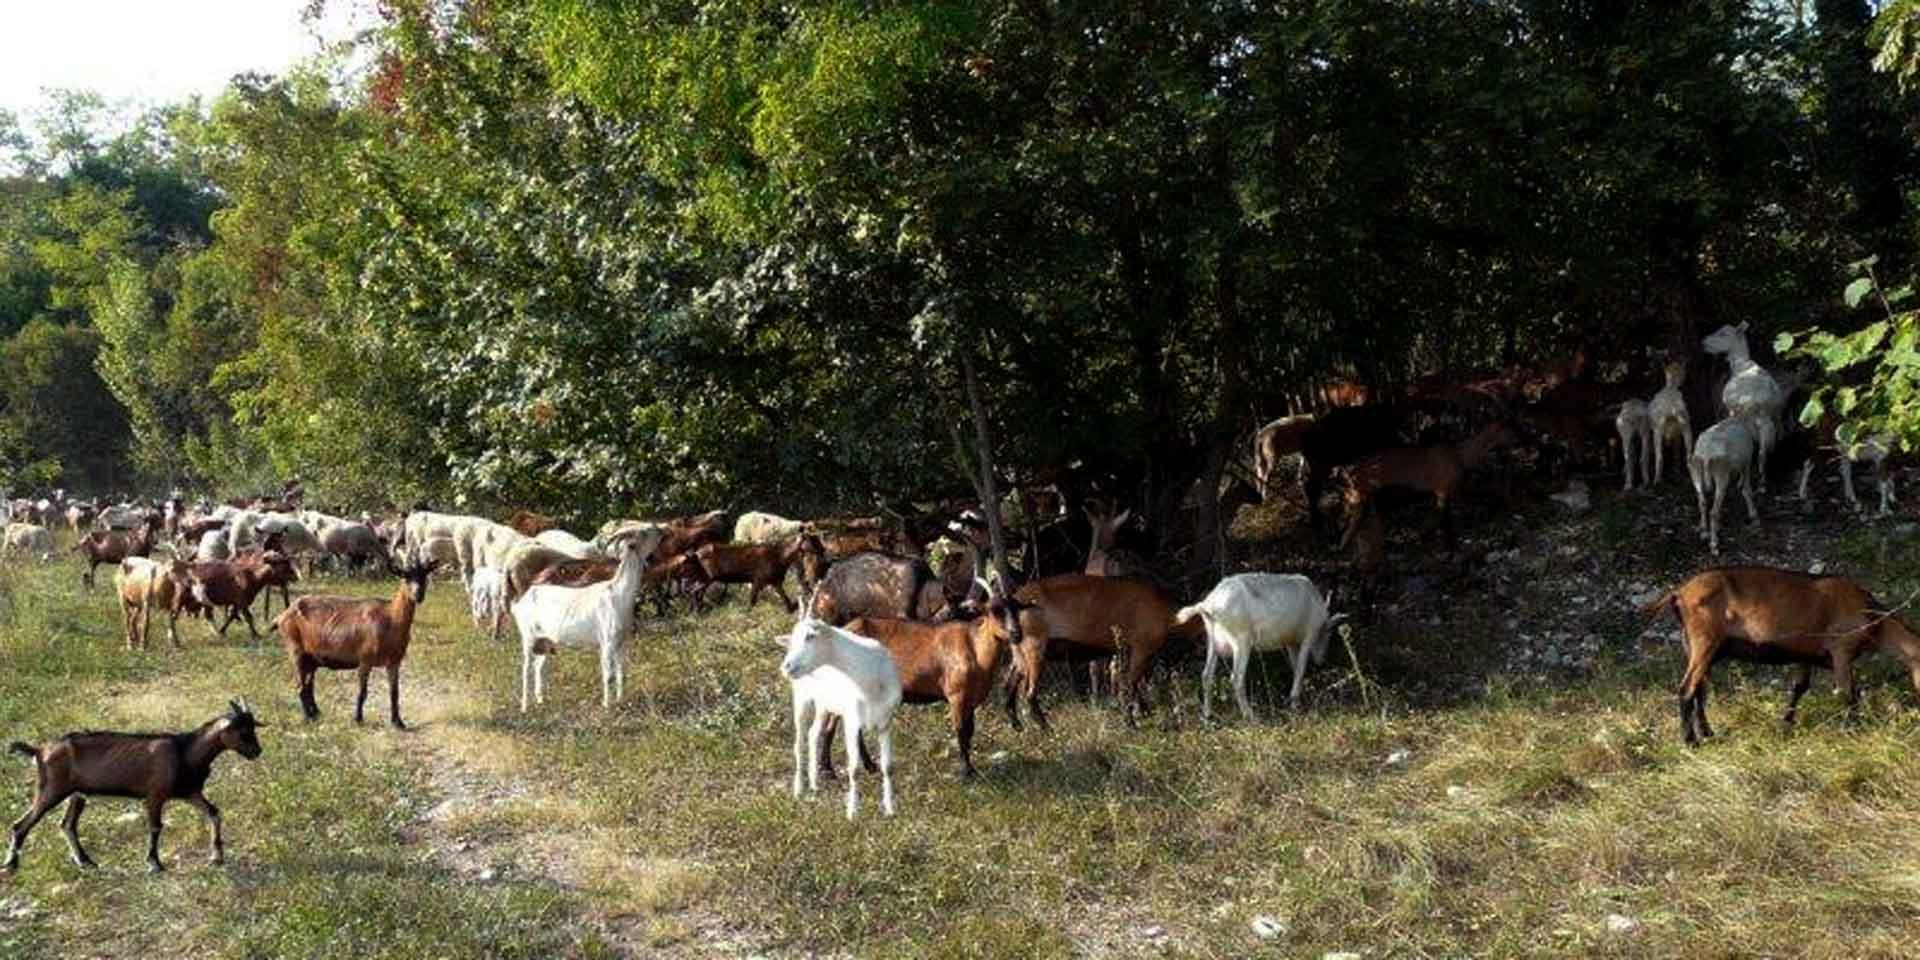 Azienda agricola Palcoda parte del Consorzio delle Valli e delle Dolomiti friulane